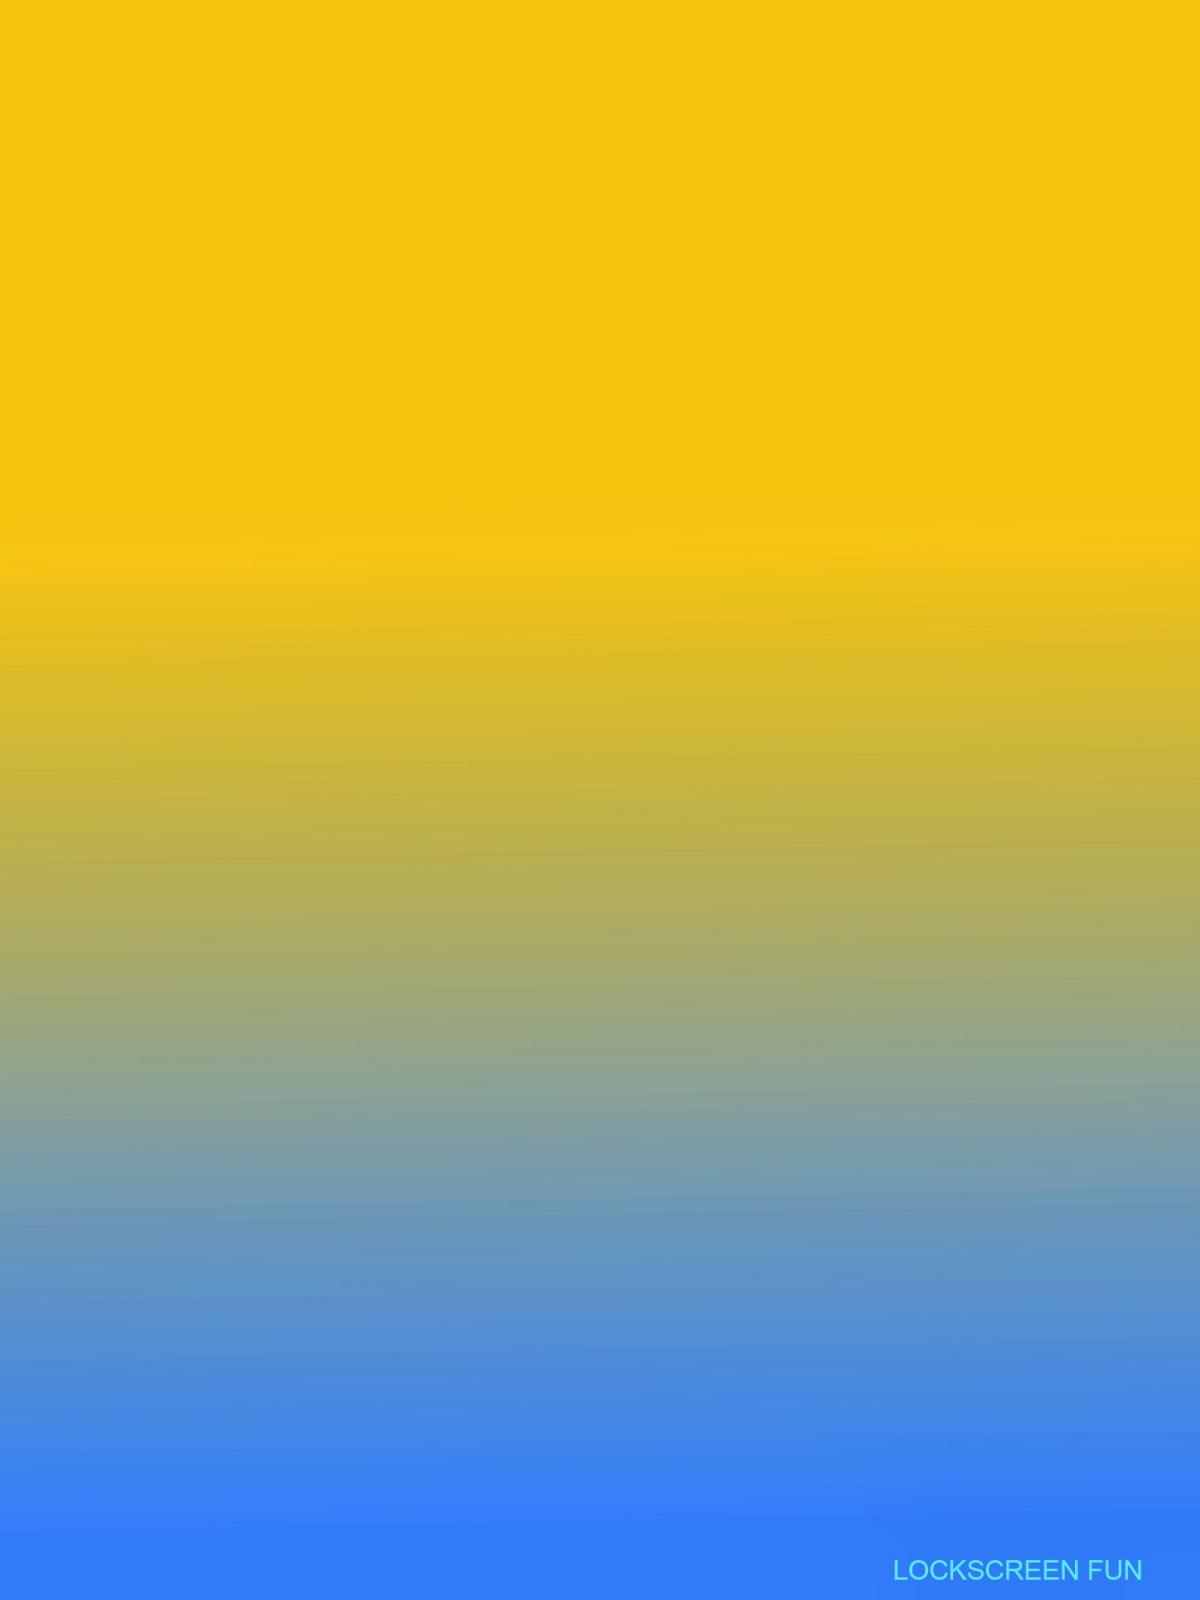 Blue And Yellow Wallpaper Wallpapersafari